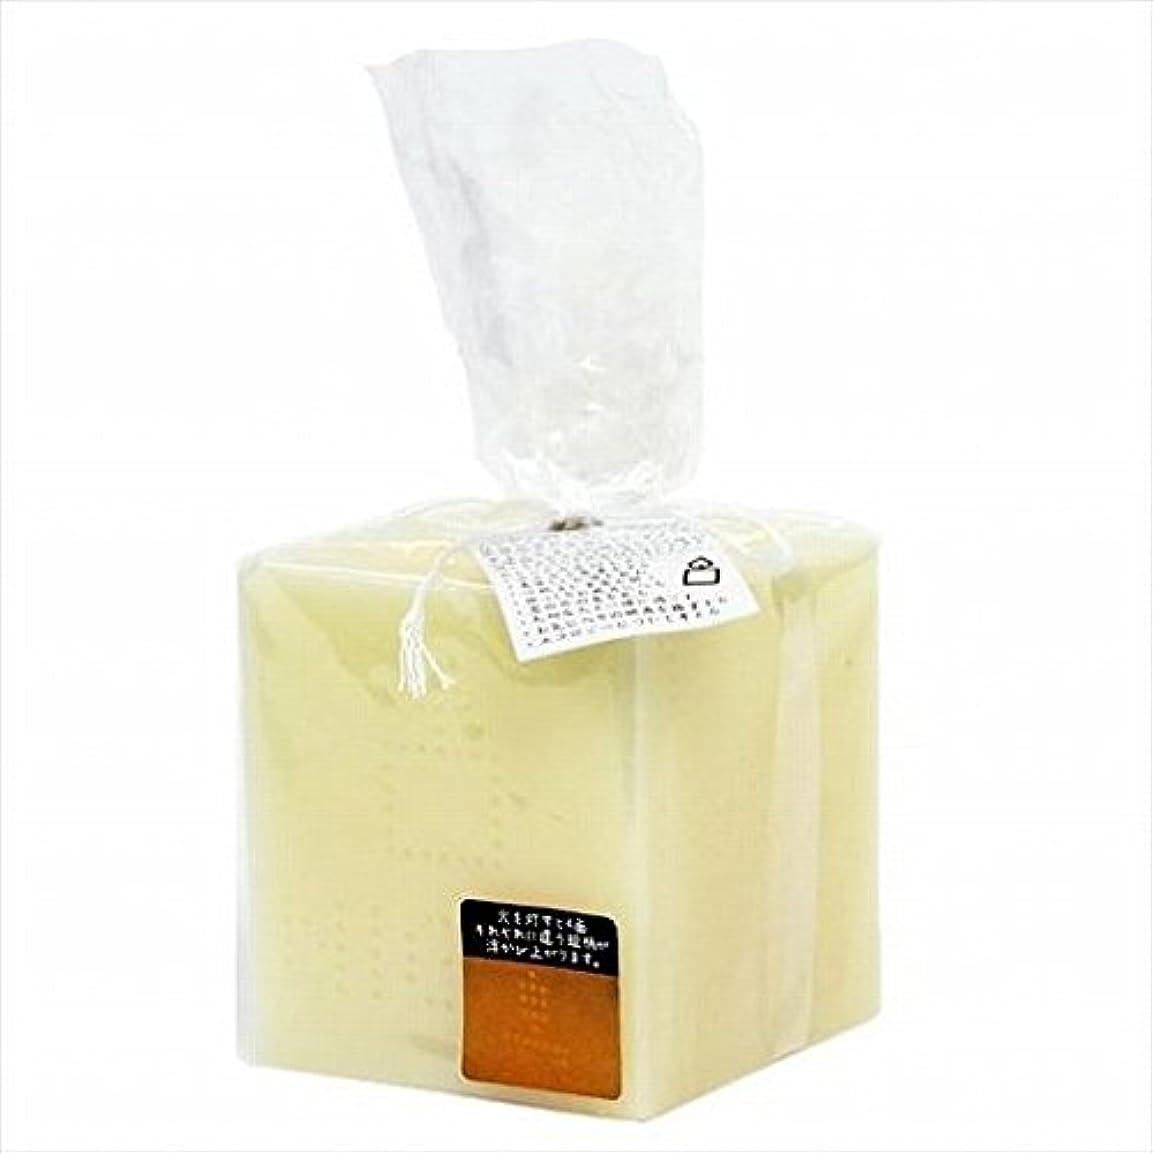 印象的な大声で生き返らせるkameyama candle(カメヤマキャンドル) キャンドルナイト キャンドル 70x70x160mm (A8640000)